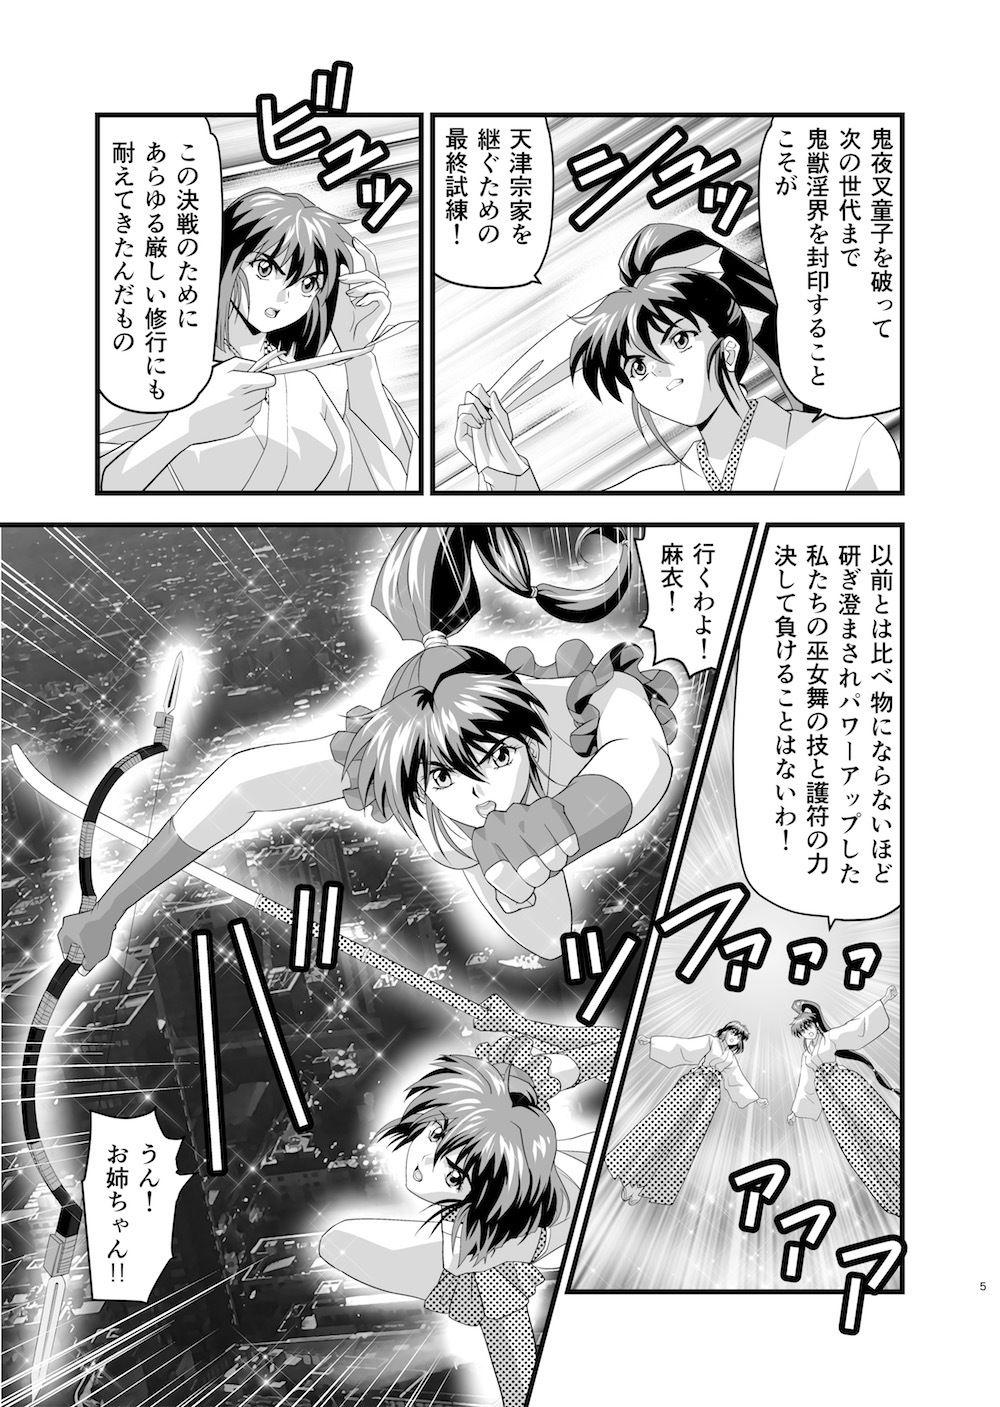 AngelXXrebeL1最後の聖戦アニメ画像